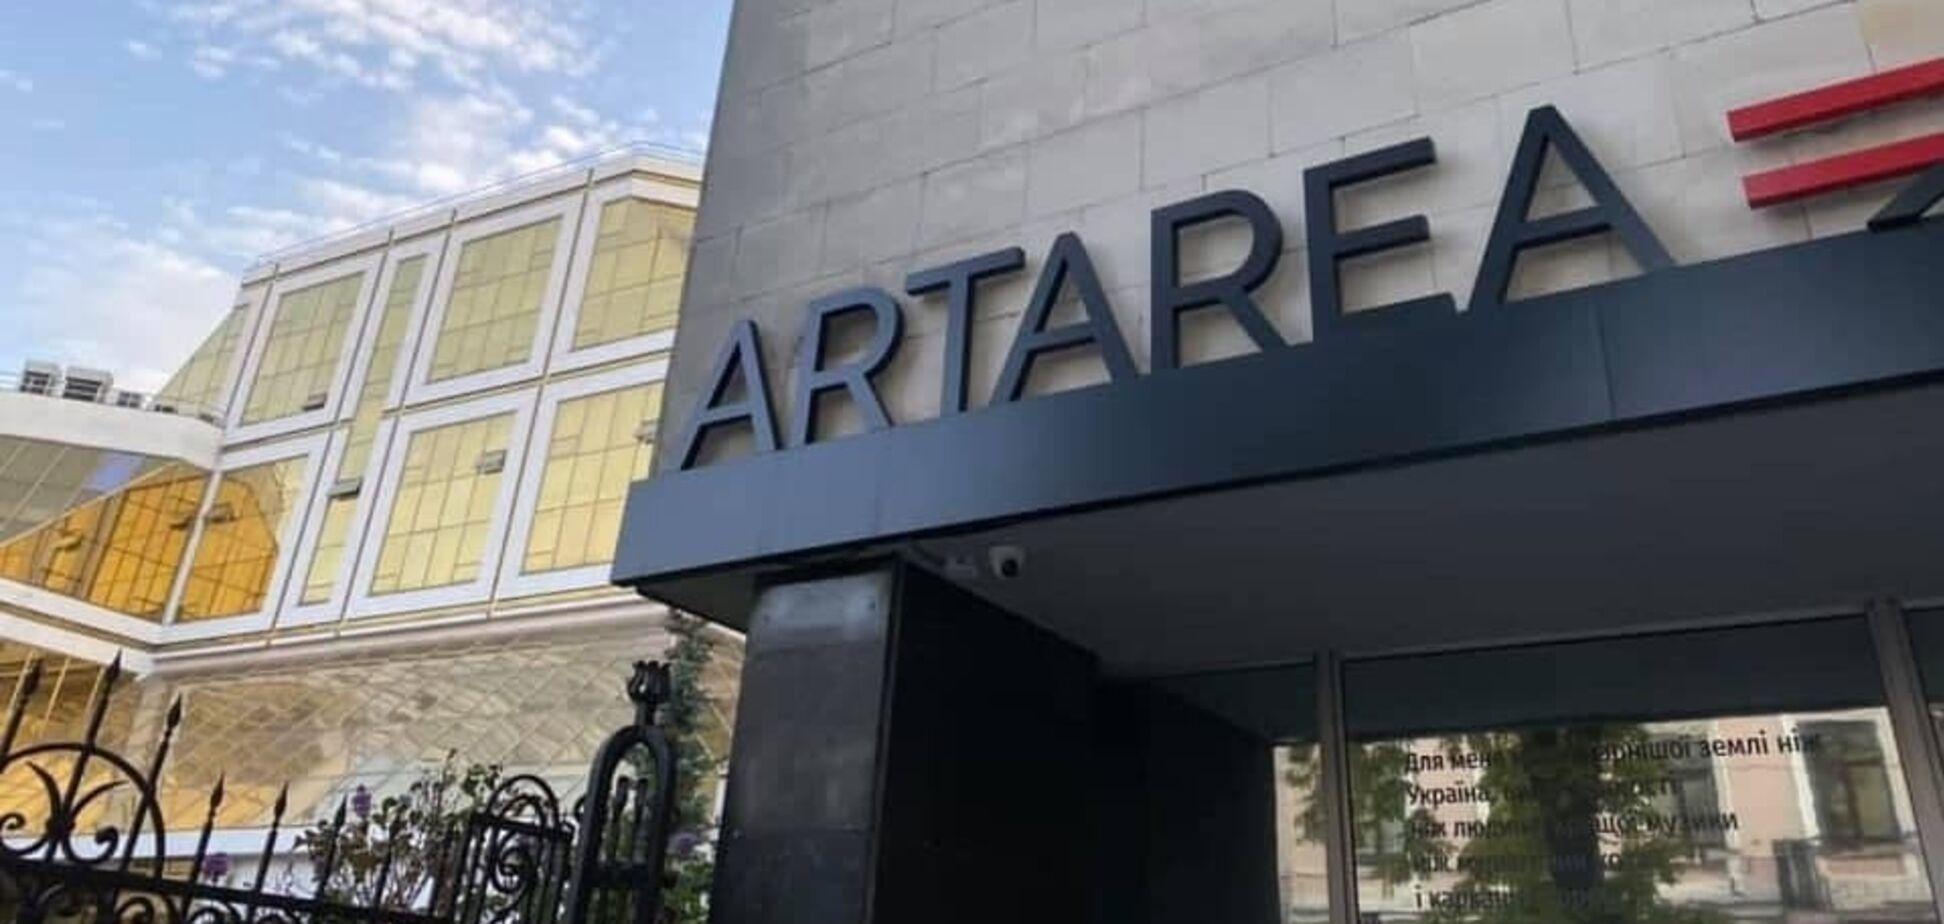 ARTAREA – це сучасний багатофункціональний мистецький простір